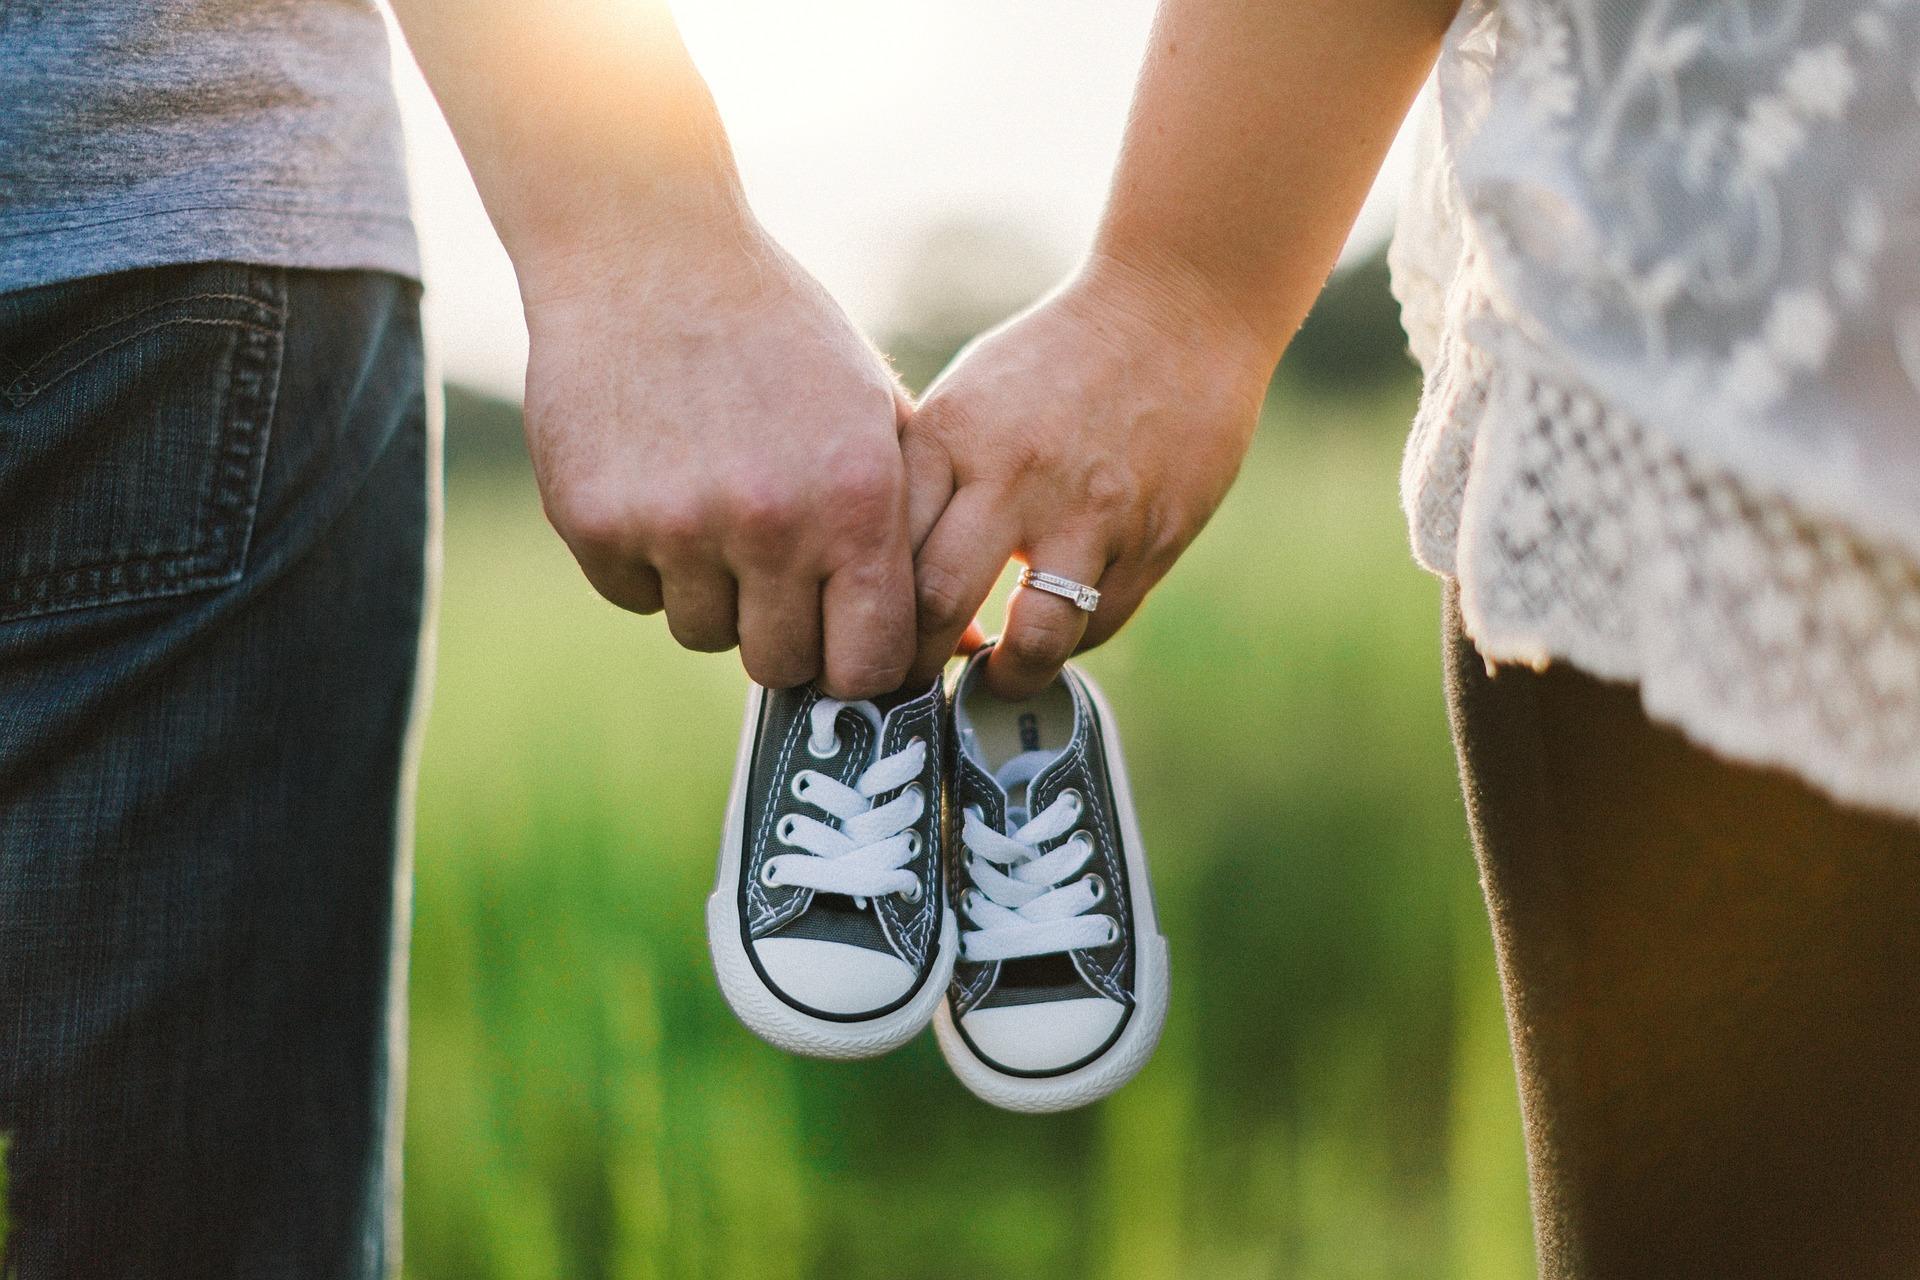 holding-hands-918990_1920.jpg